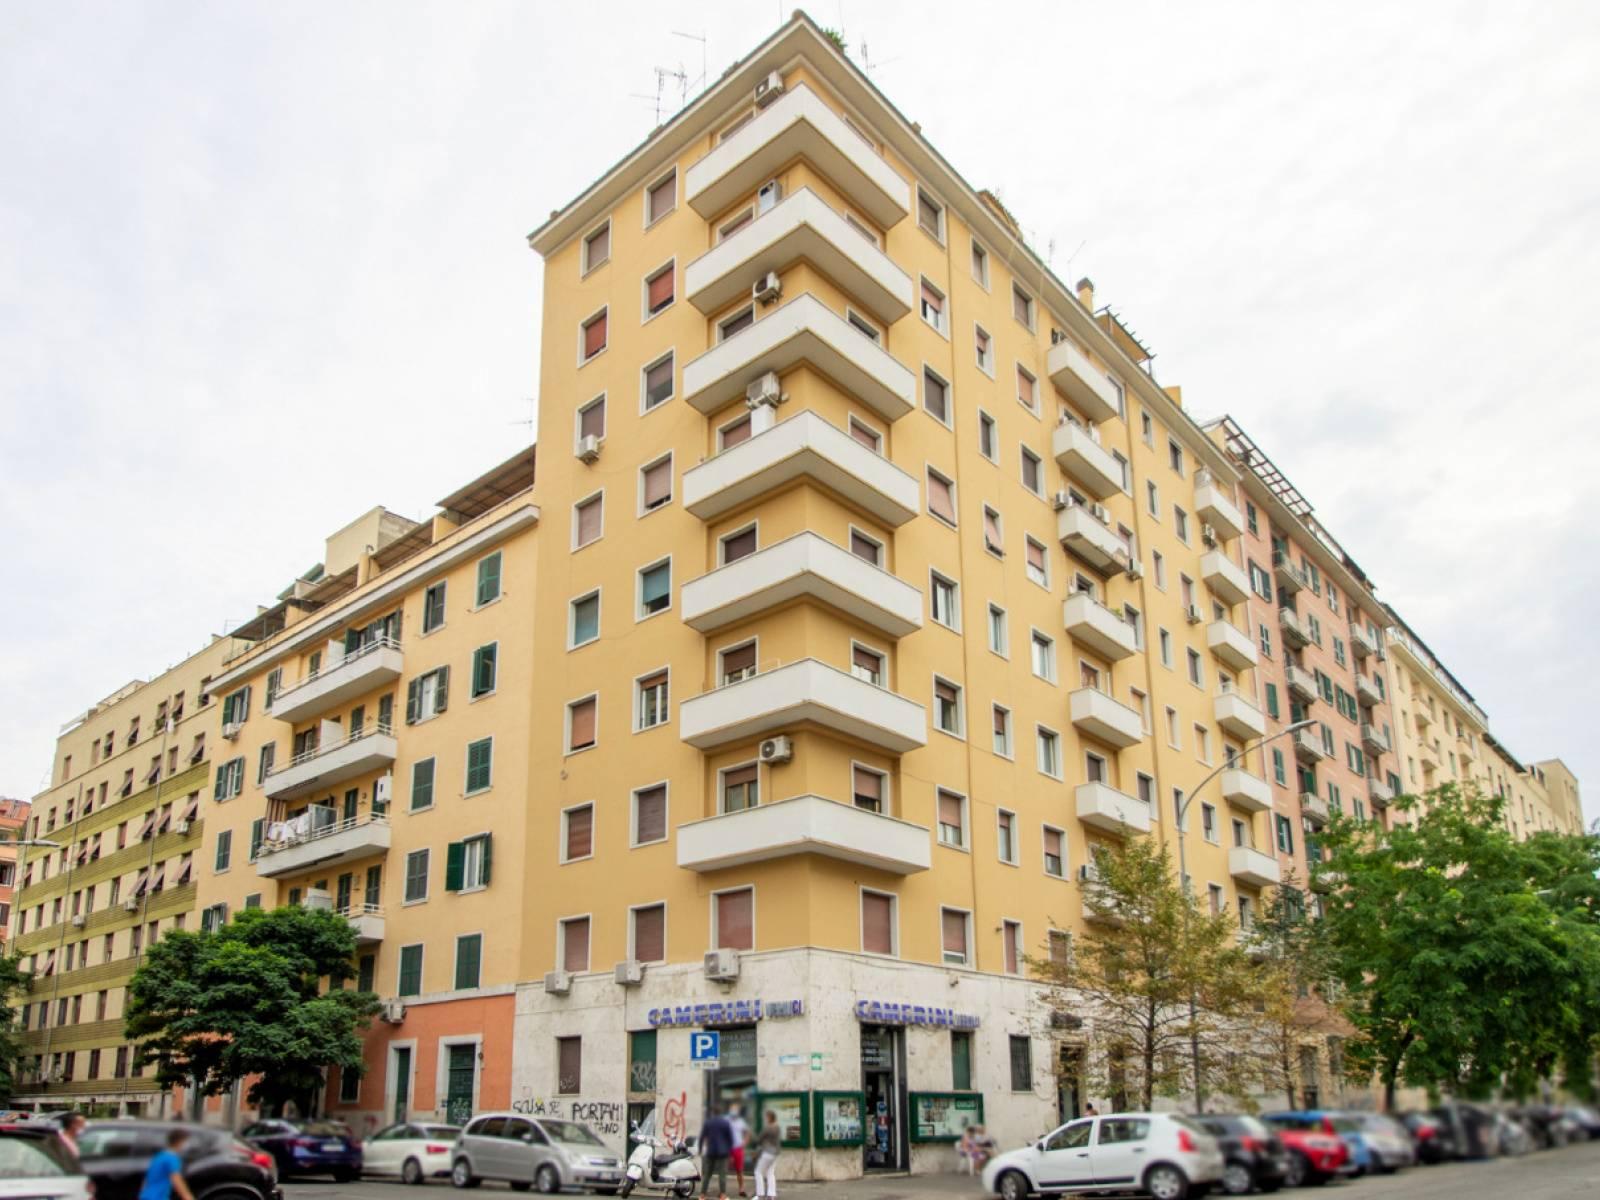 1118417996 Bilocale in Circonvallazione Appia, Roma, Zona Appio Latino, Caffarella